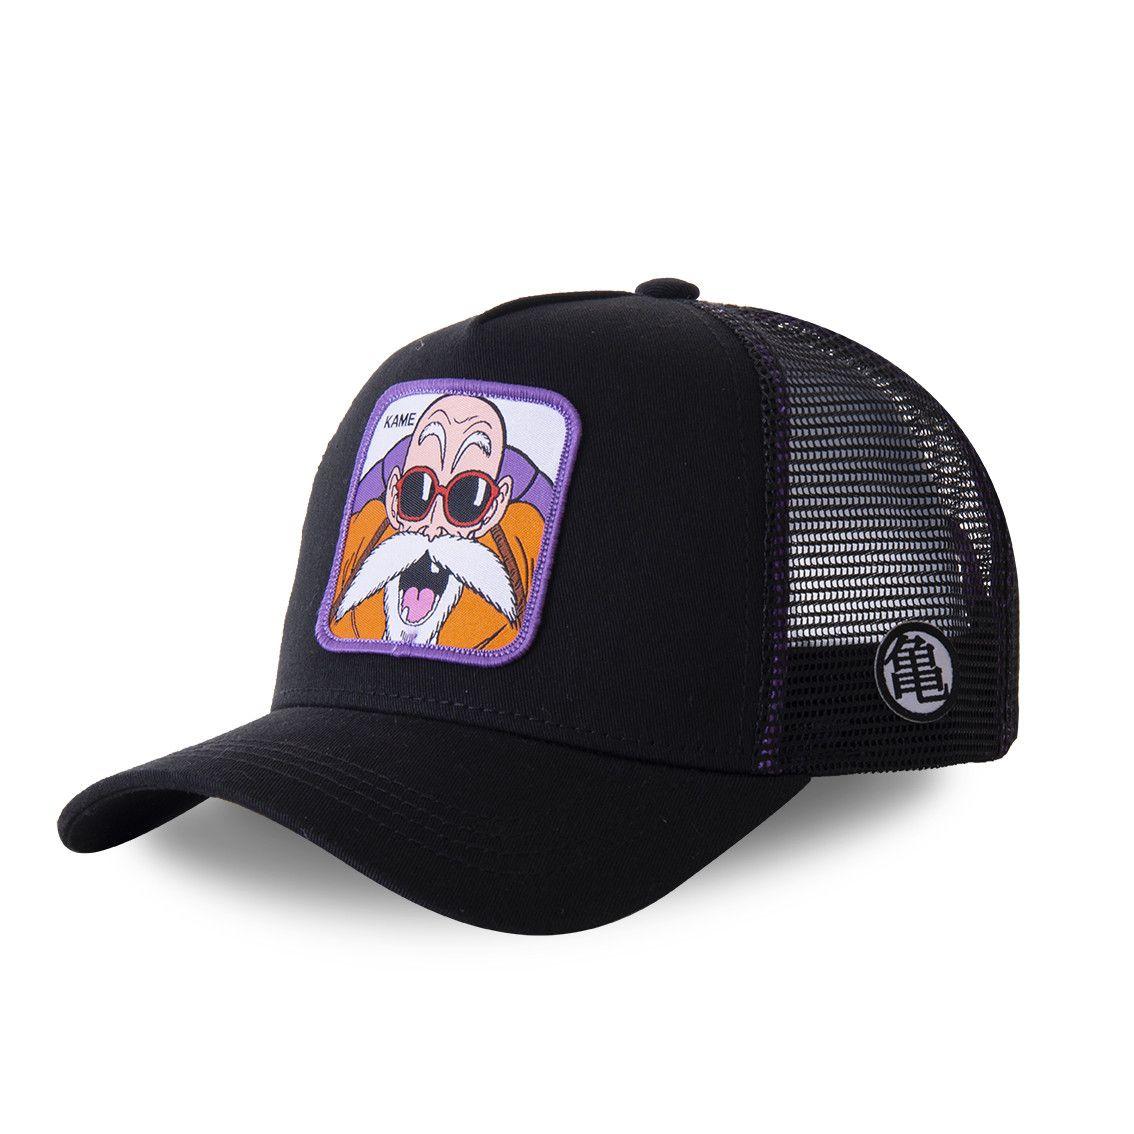 Casquette trucker capslab dragon ball z noir et violet